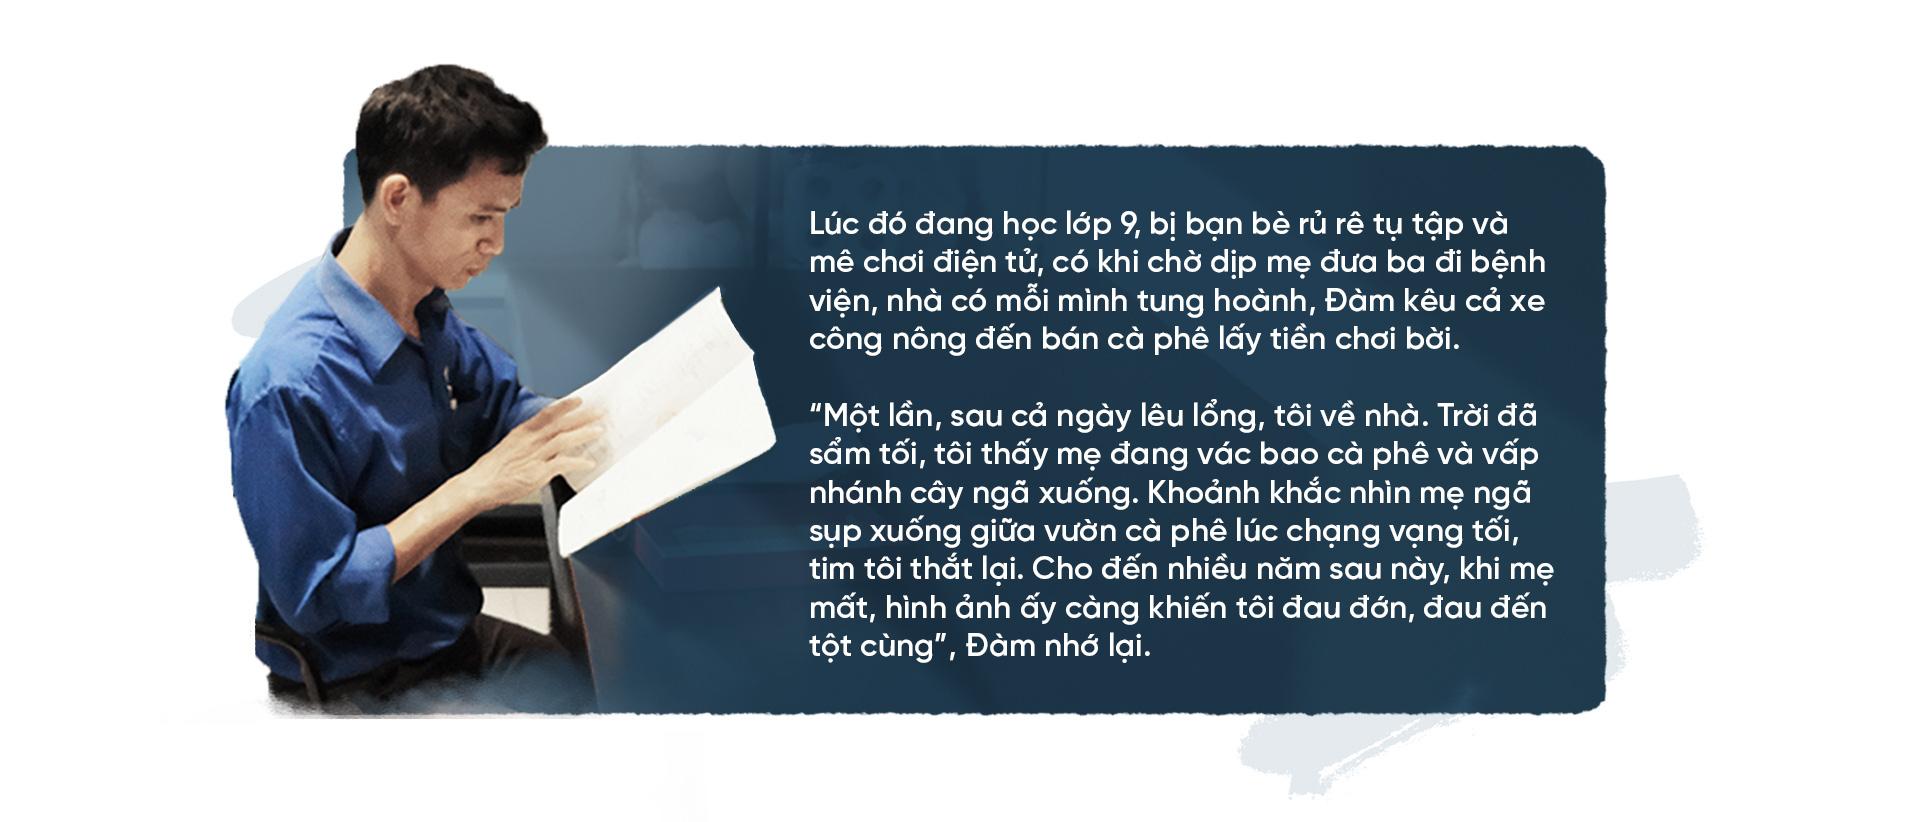 Nguyễn Thanh Đàm: Ở tận cùng đớn đau, là hi vọng - Ảnh 7.